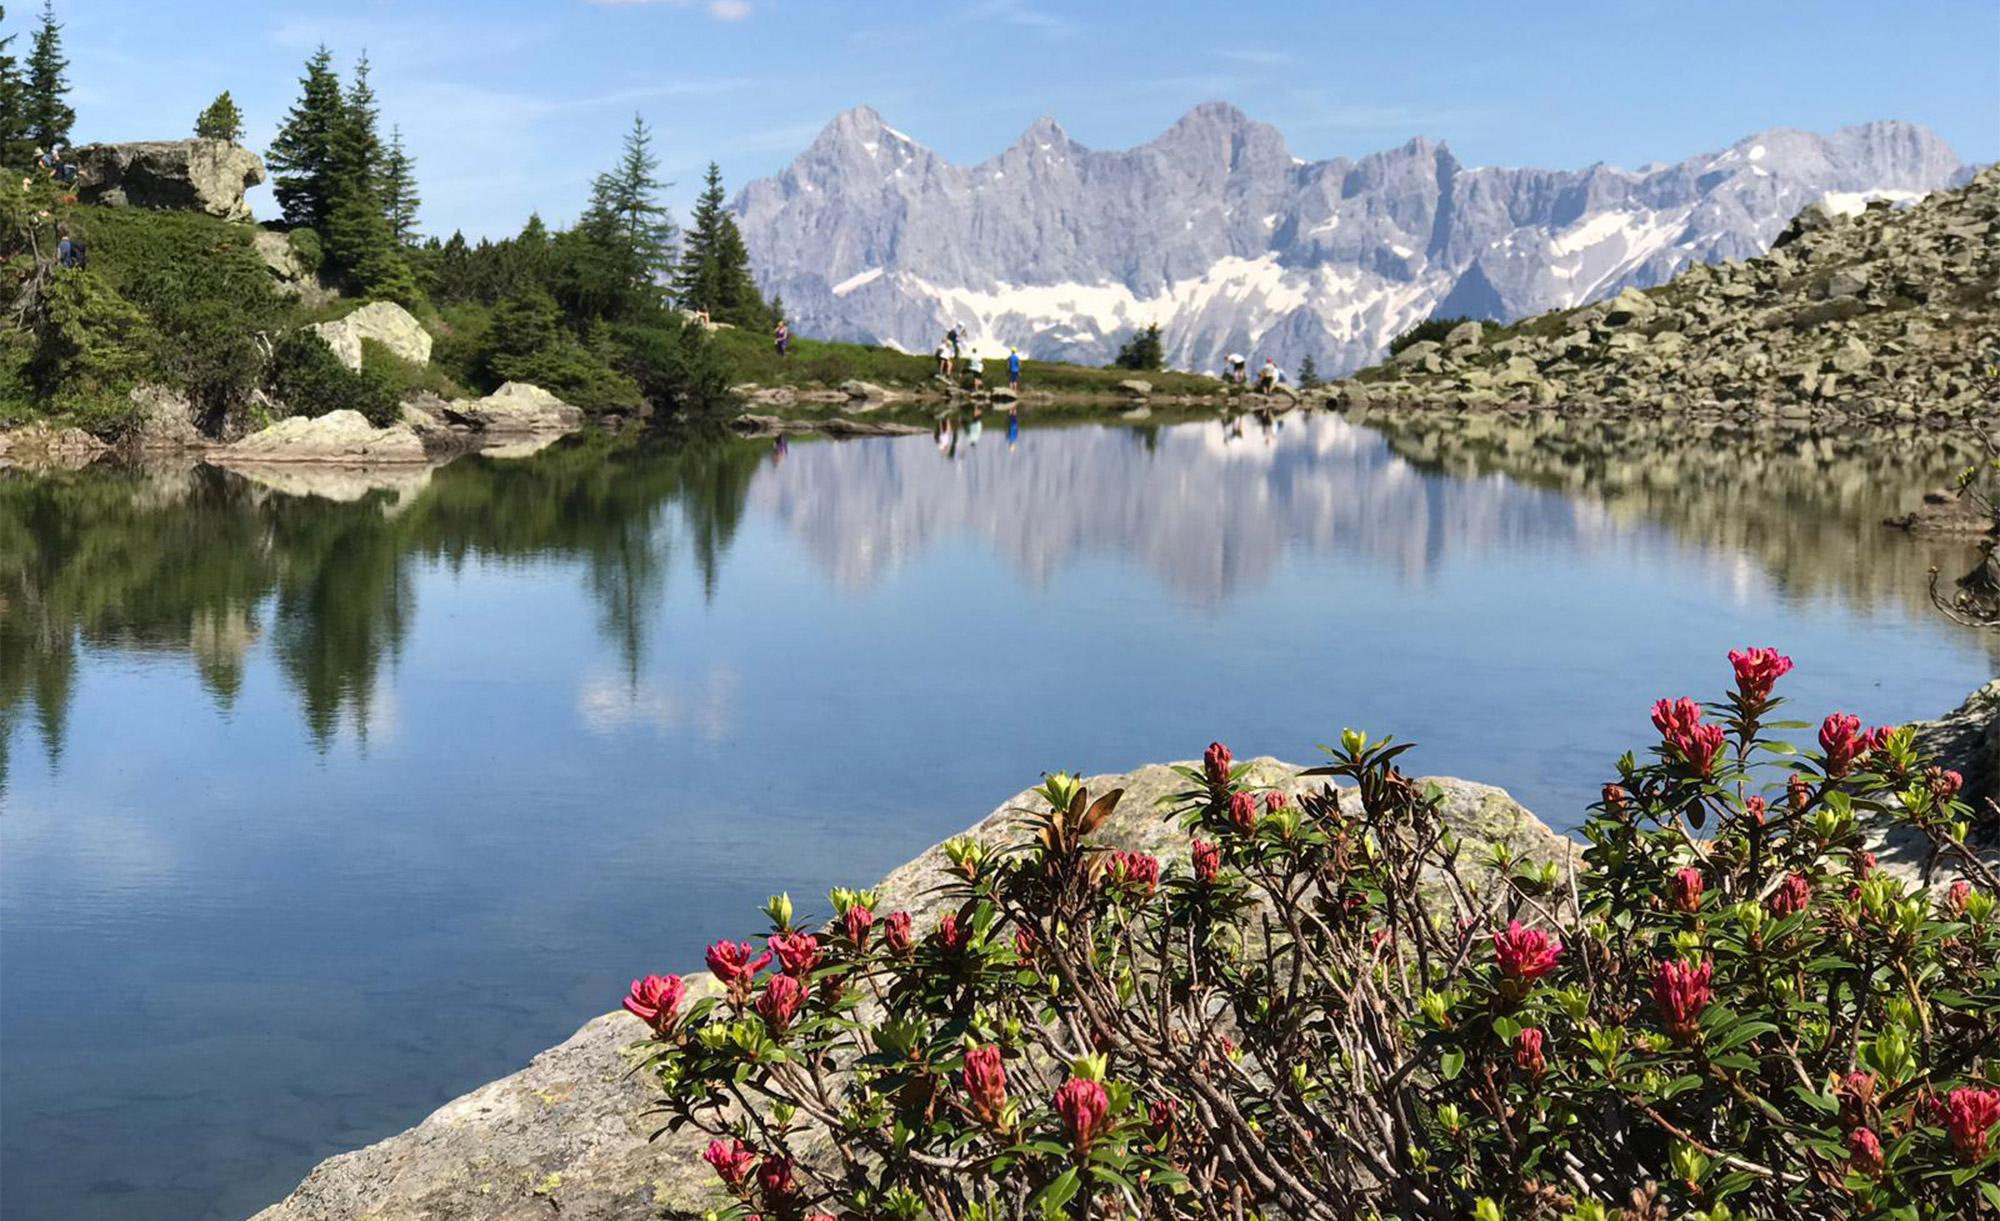 Der Spiegelsee gleicht einem wahrem Naturidyll